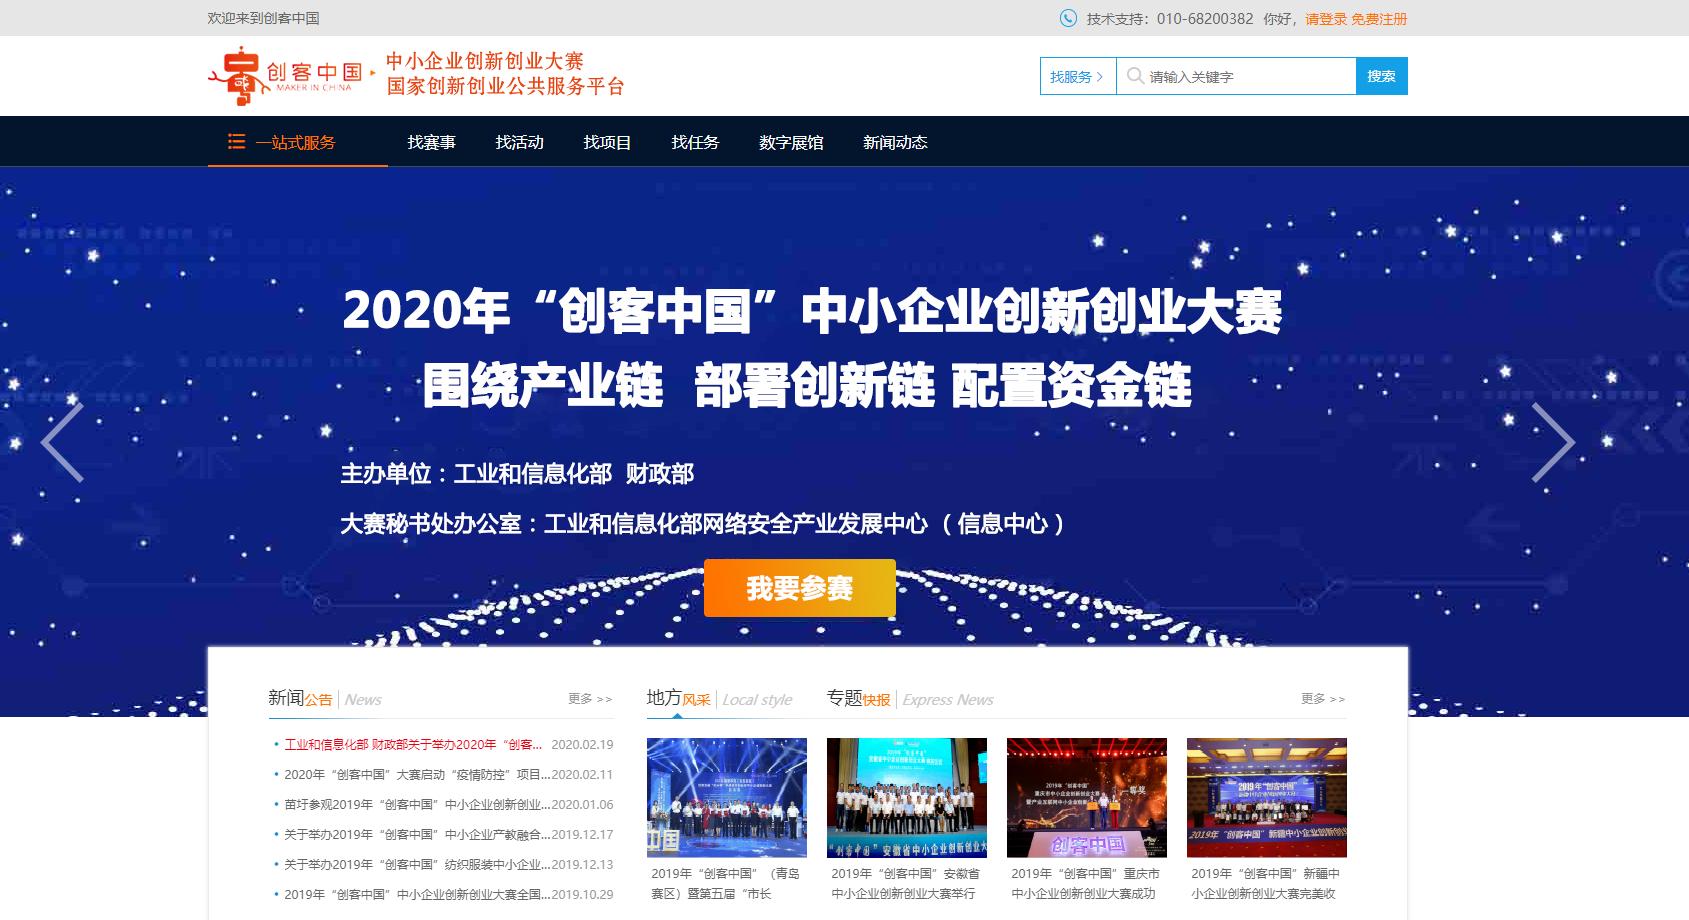 """两部委关于举办2020年""""创客中国""""中小企业创新创"""